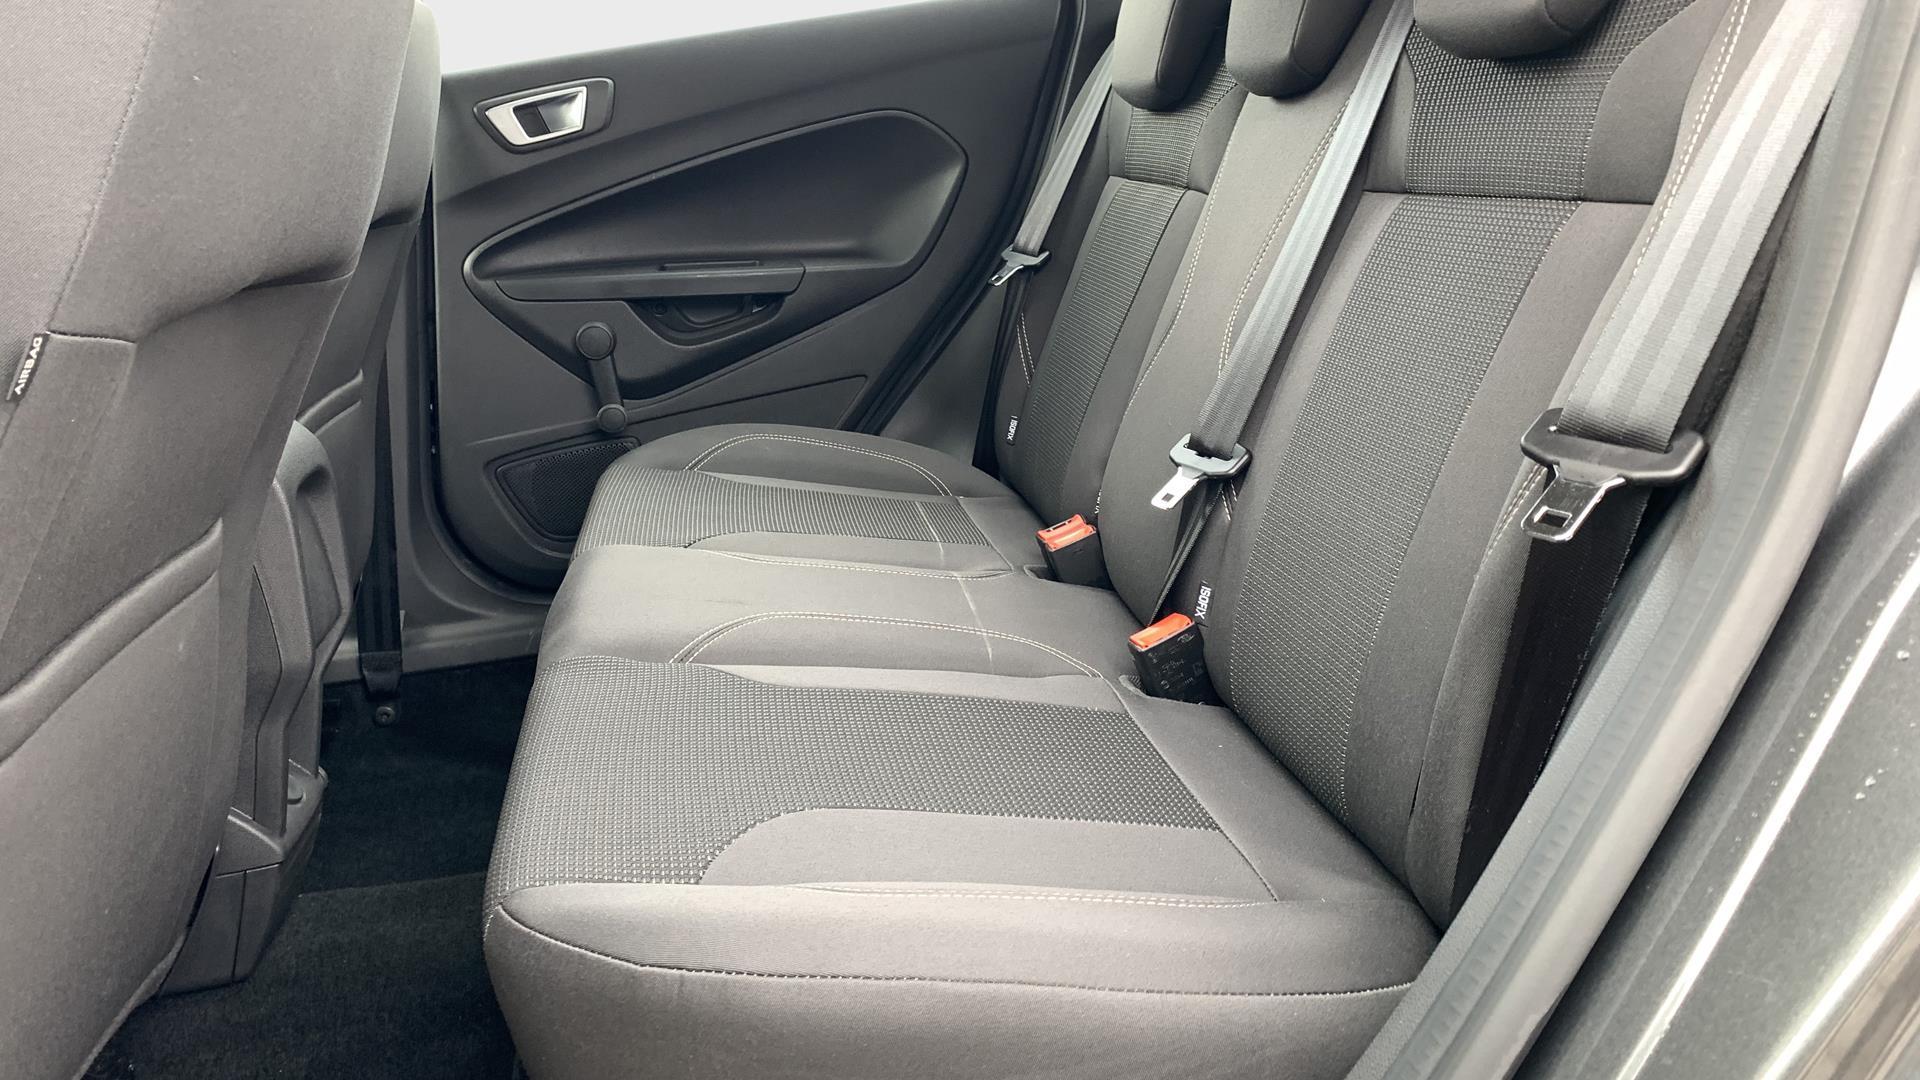 Billede af Ford Fiesta 1,0 EcoBoost Fun Start/Stop 125HK 5d